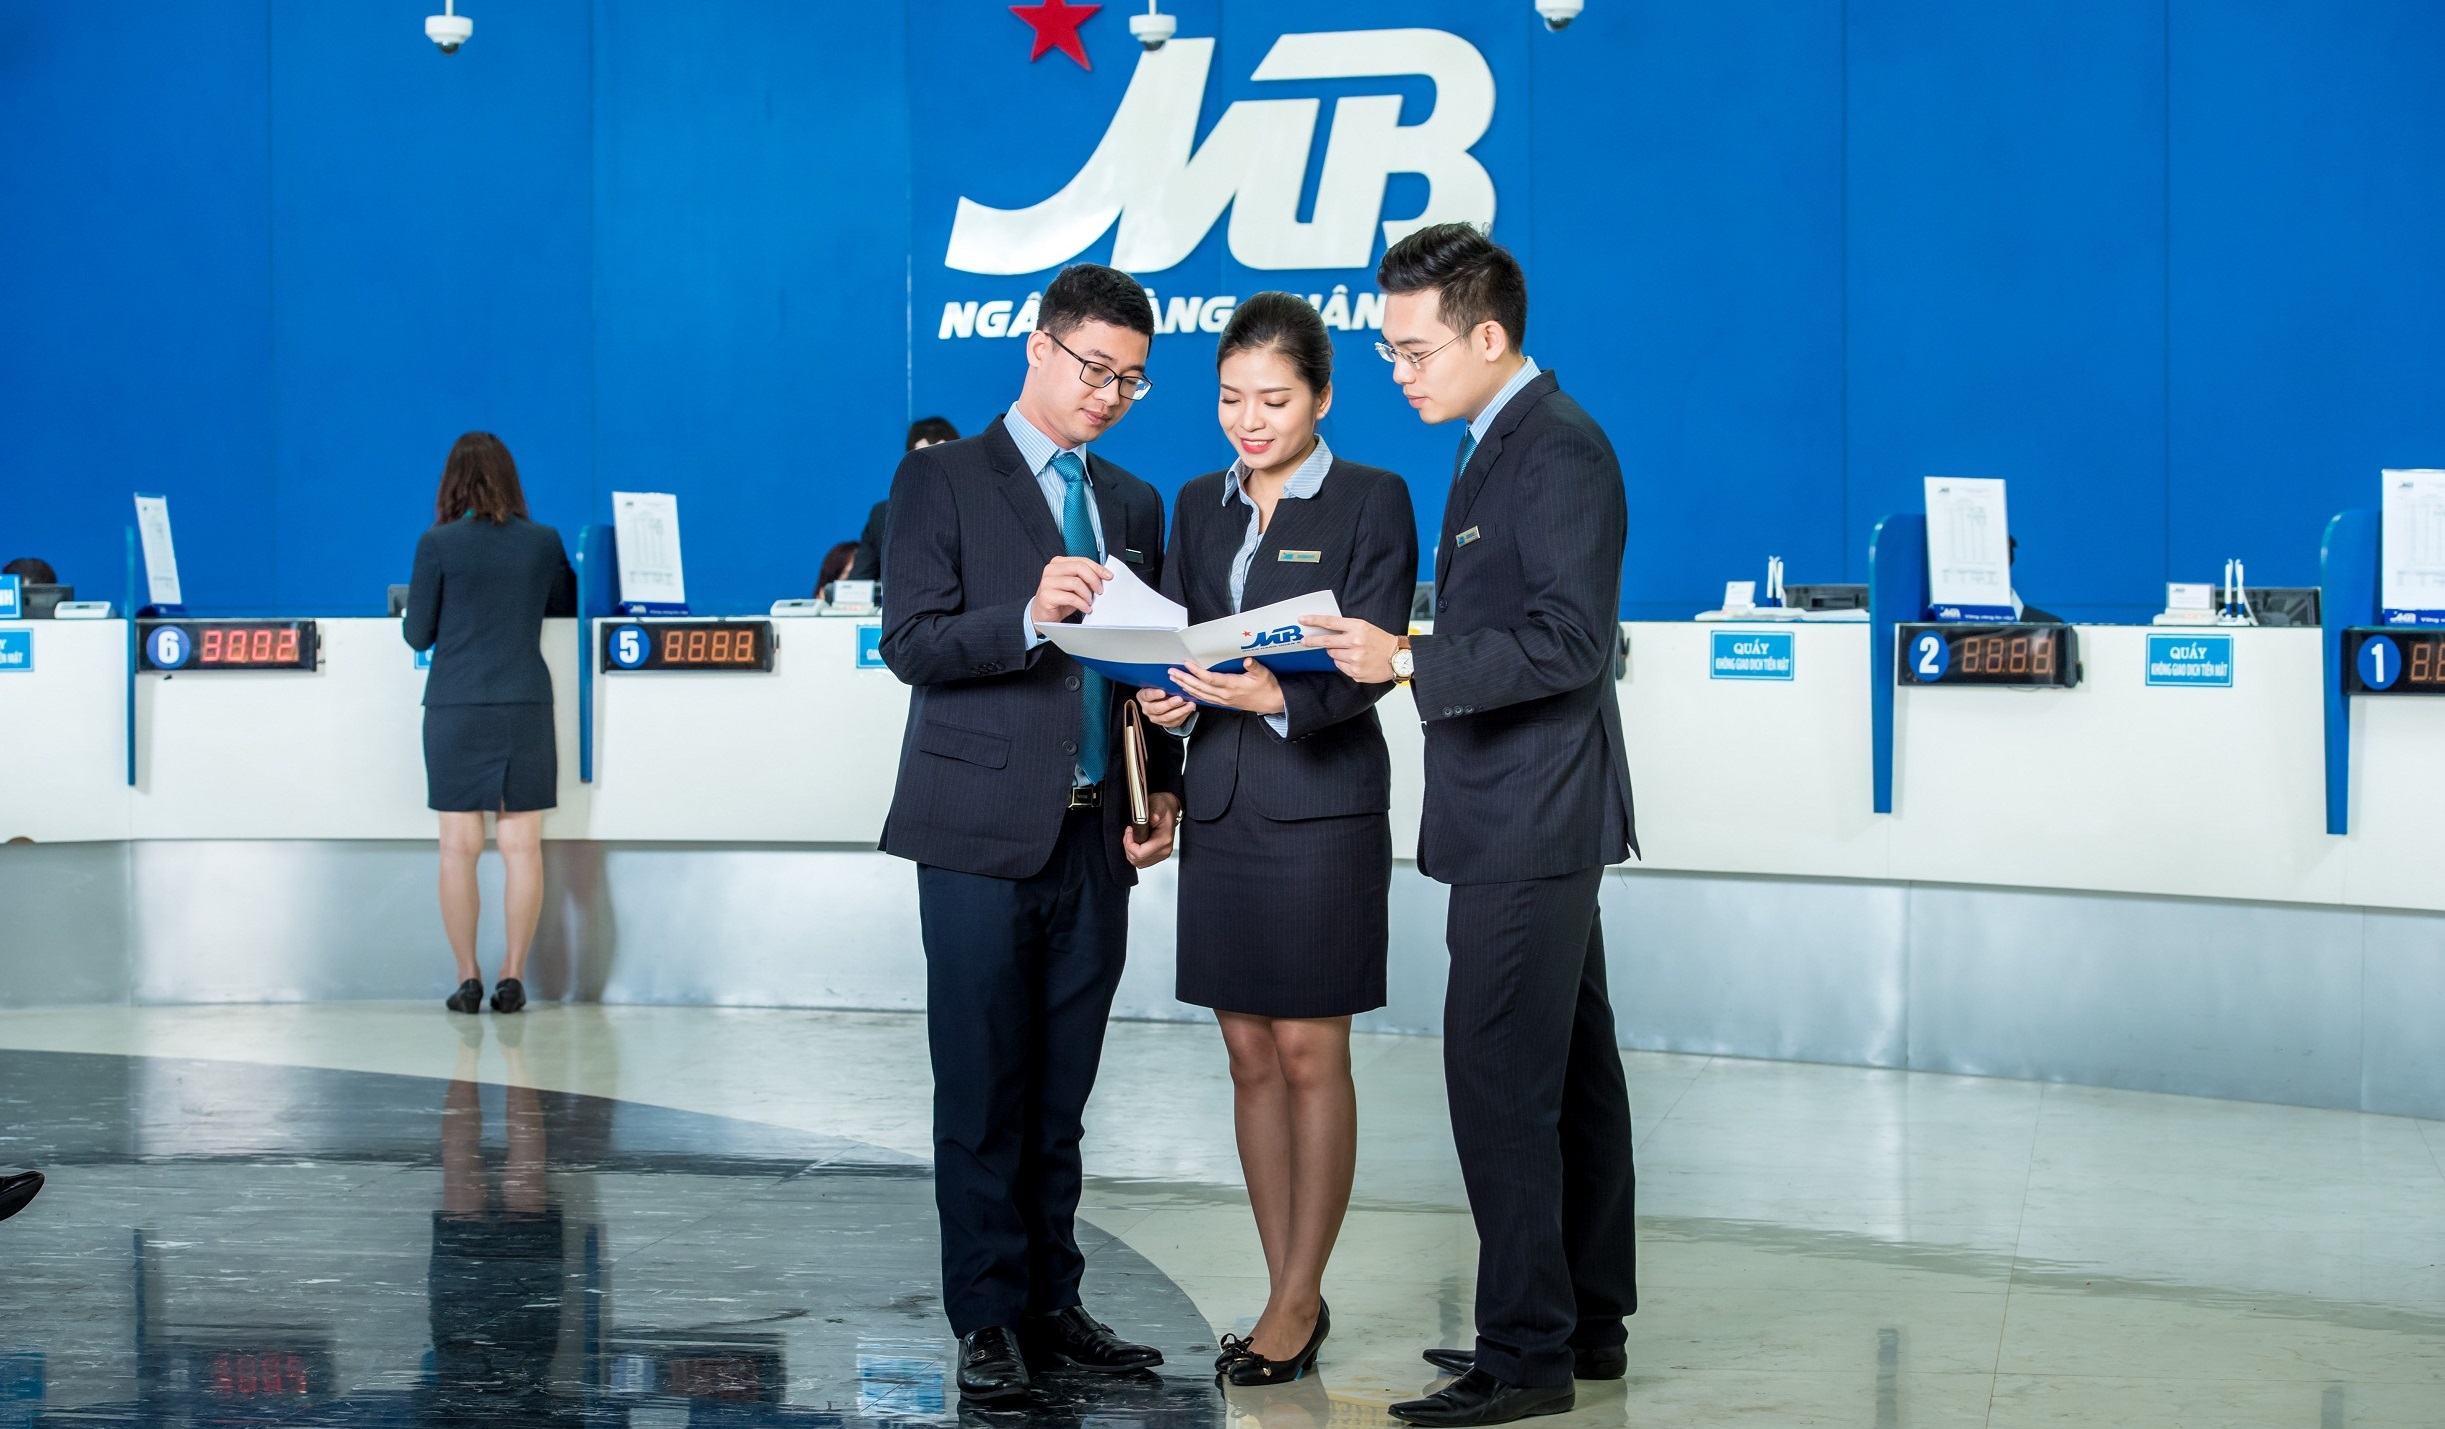 MB cung cấp dịch vụ hải quan điện tử hỗ trợ doanh nghiệp thông quan 24/7